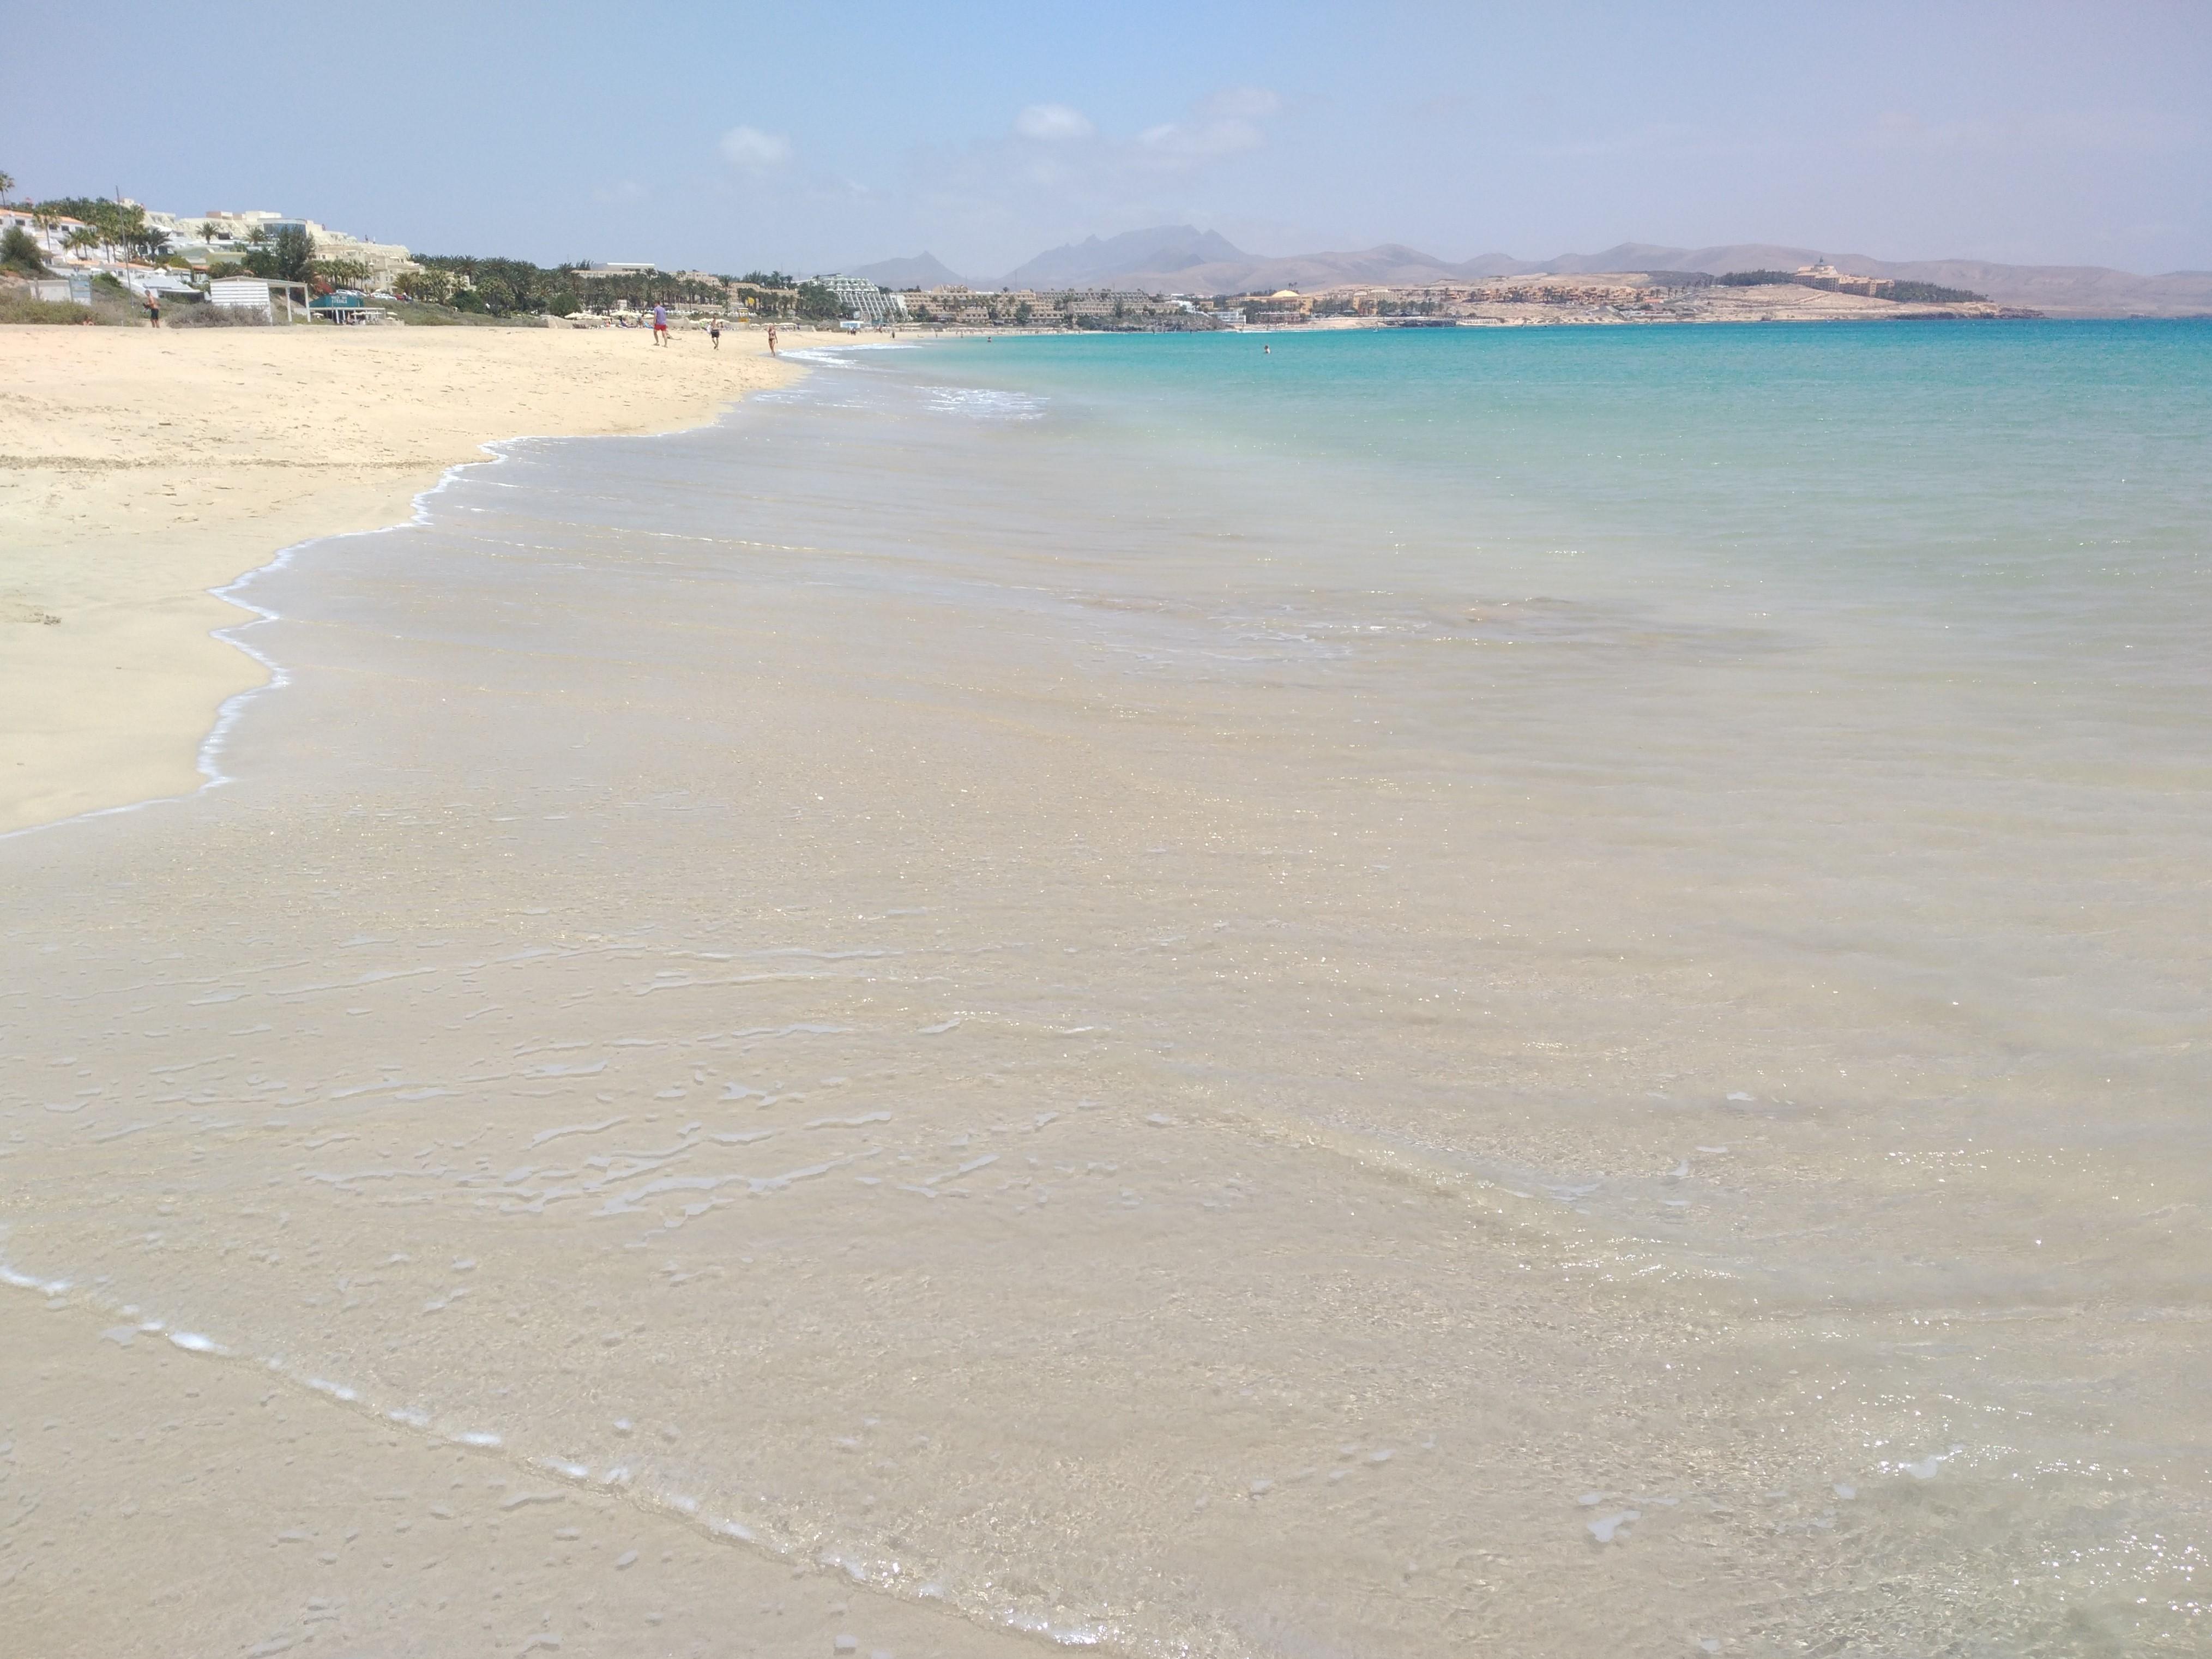 Ferienwohnung Apartment in Strandnhe mit groer Terrasse, Wlan und Parkplatz (2628896), Costa Calma, Fuerteventura, Kanarische Inseln, Spanien, Bild 26